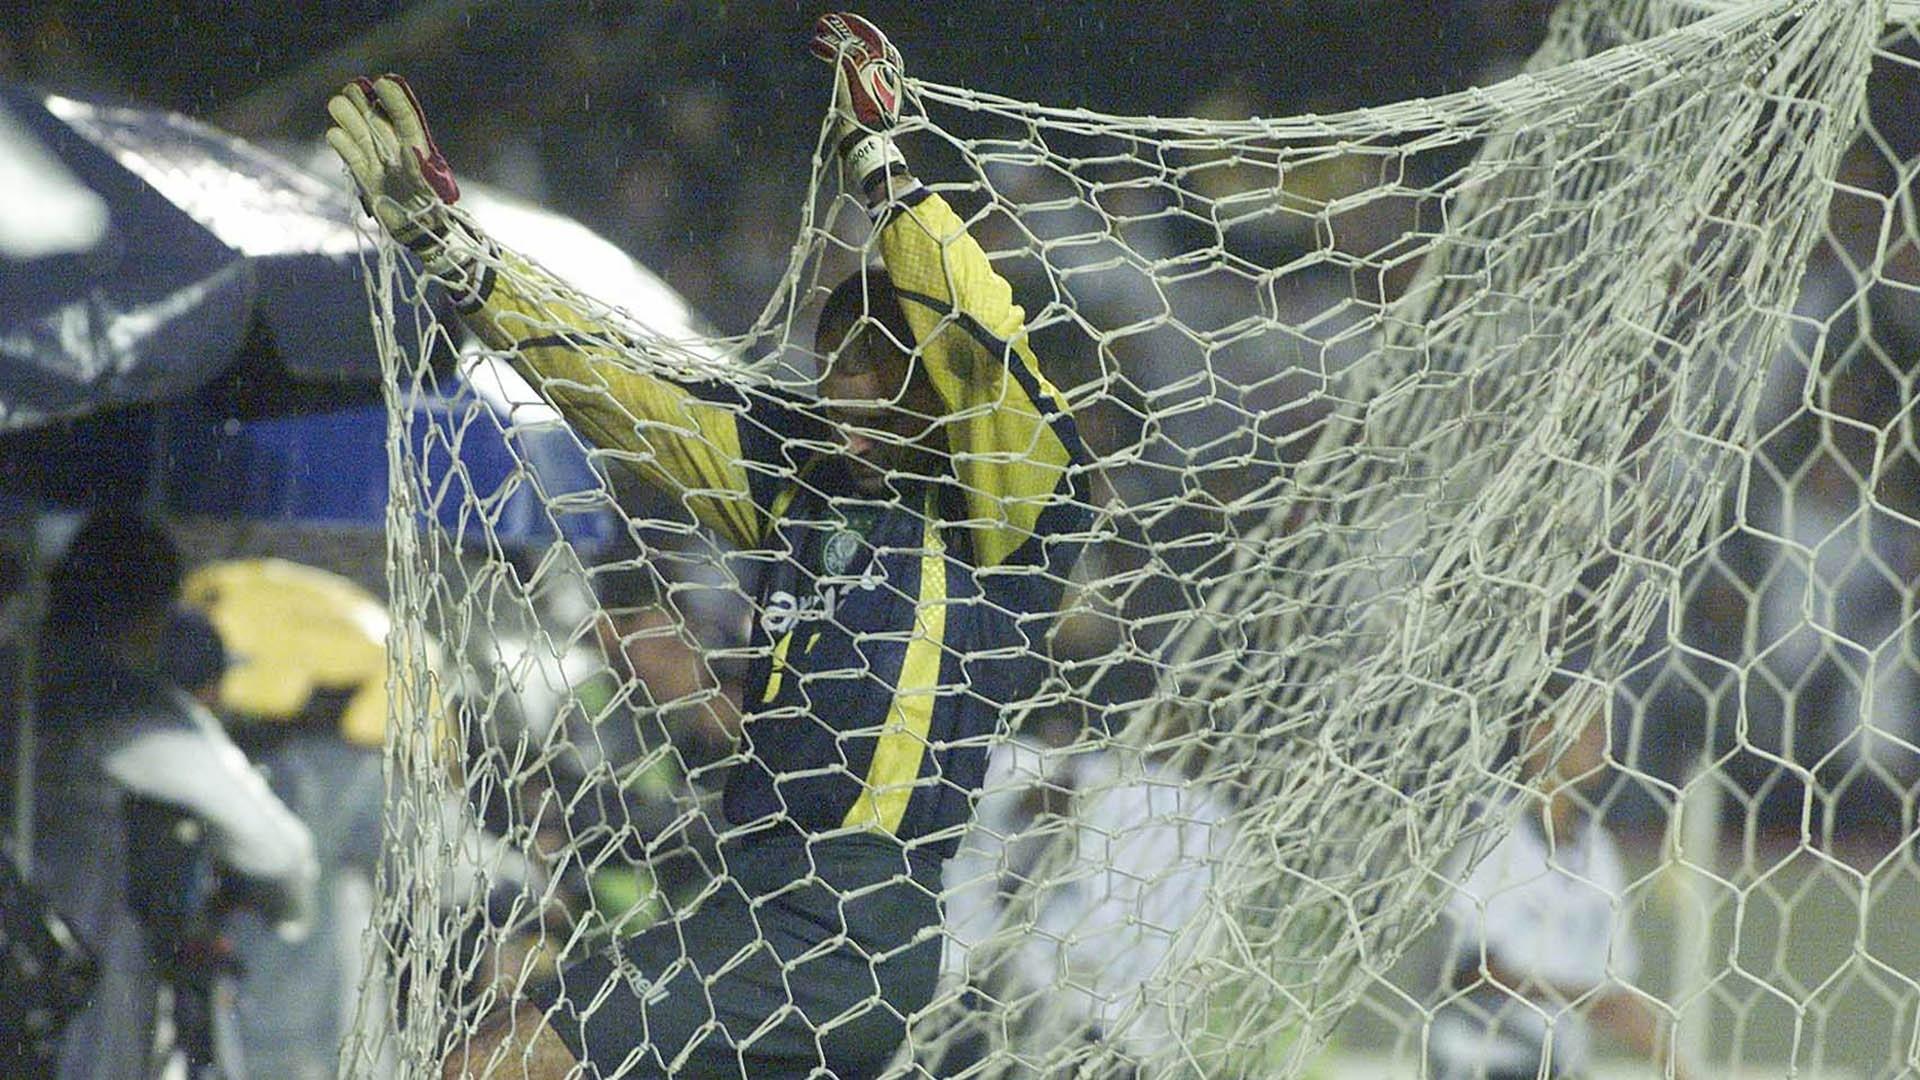 O goleiro palmeirense Marcos busca a bola no fundo da rede após a marcação do segundo gol do Corinthians na final do Campeonato Paulista de 1999